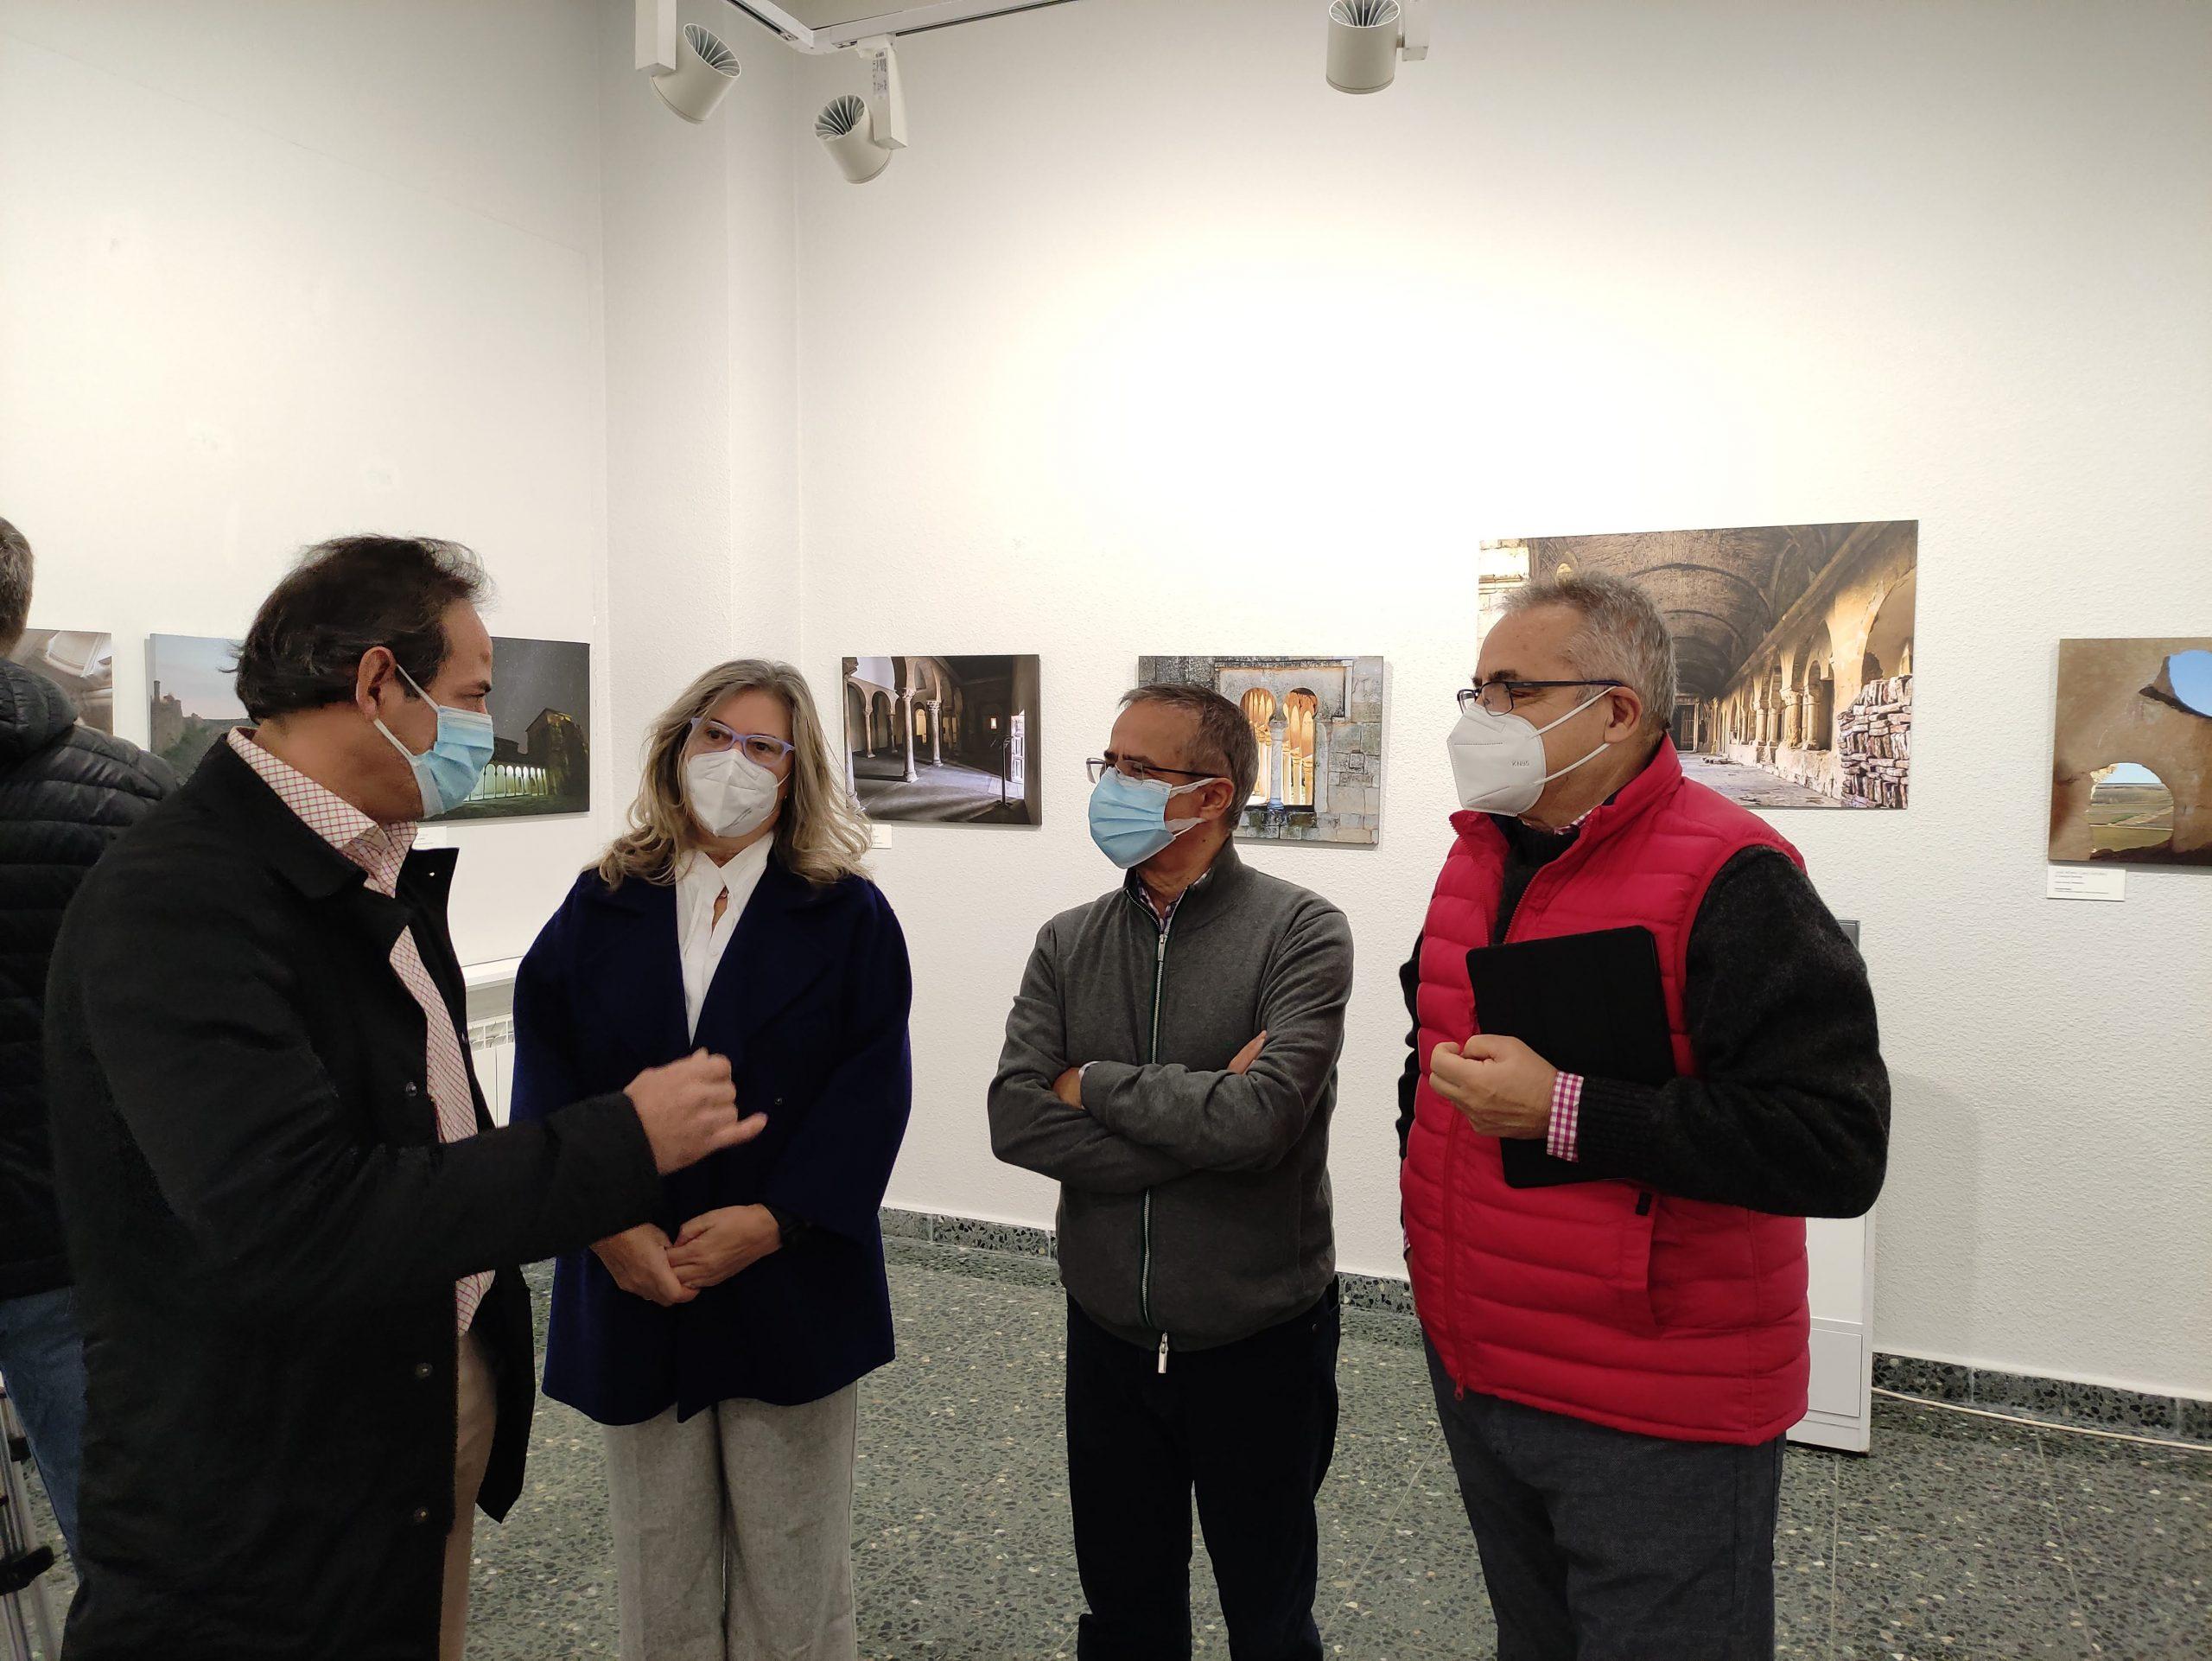 La Casa de la Cultura de Ponferrada presenta la exposición fotográfica 'RUTA DE LOS MONASTERIOS' 3